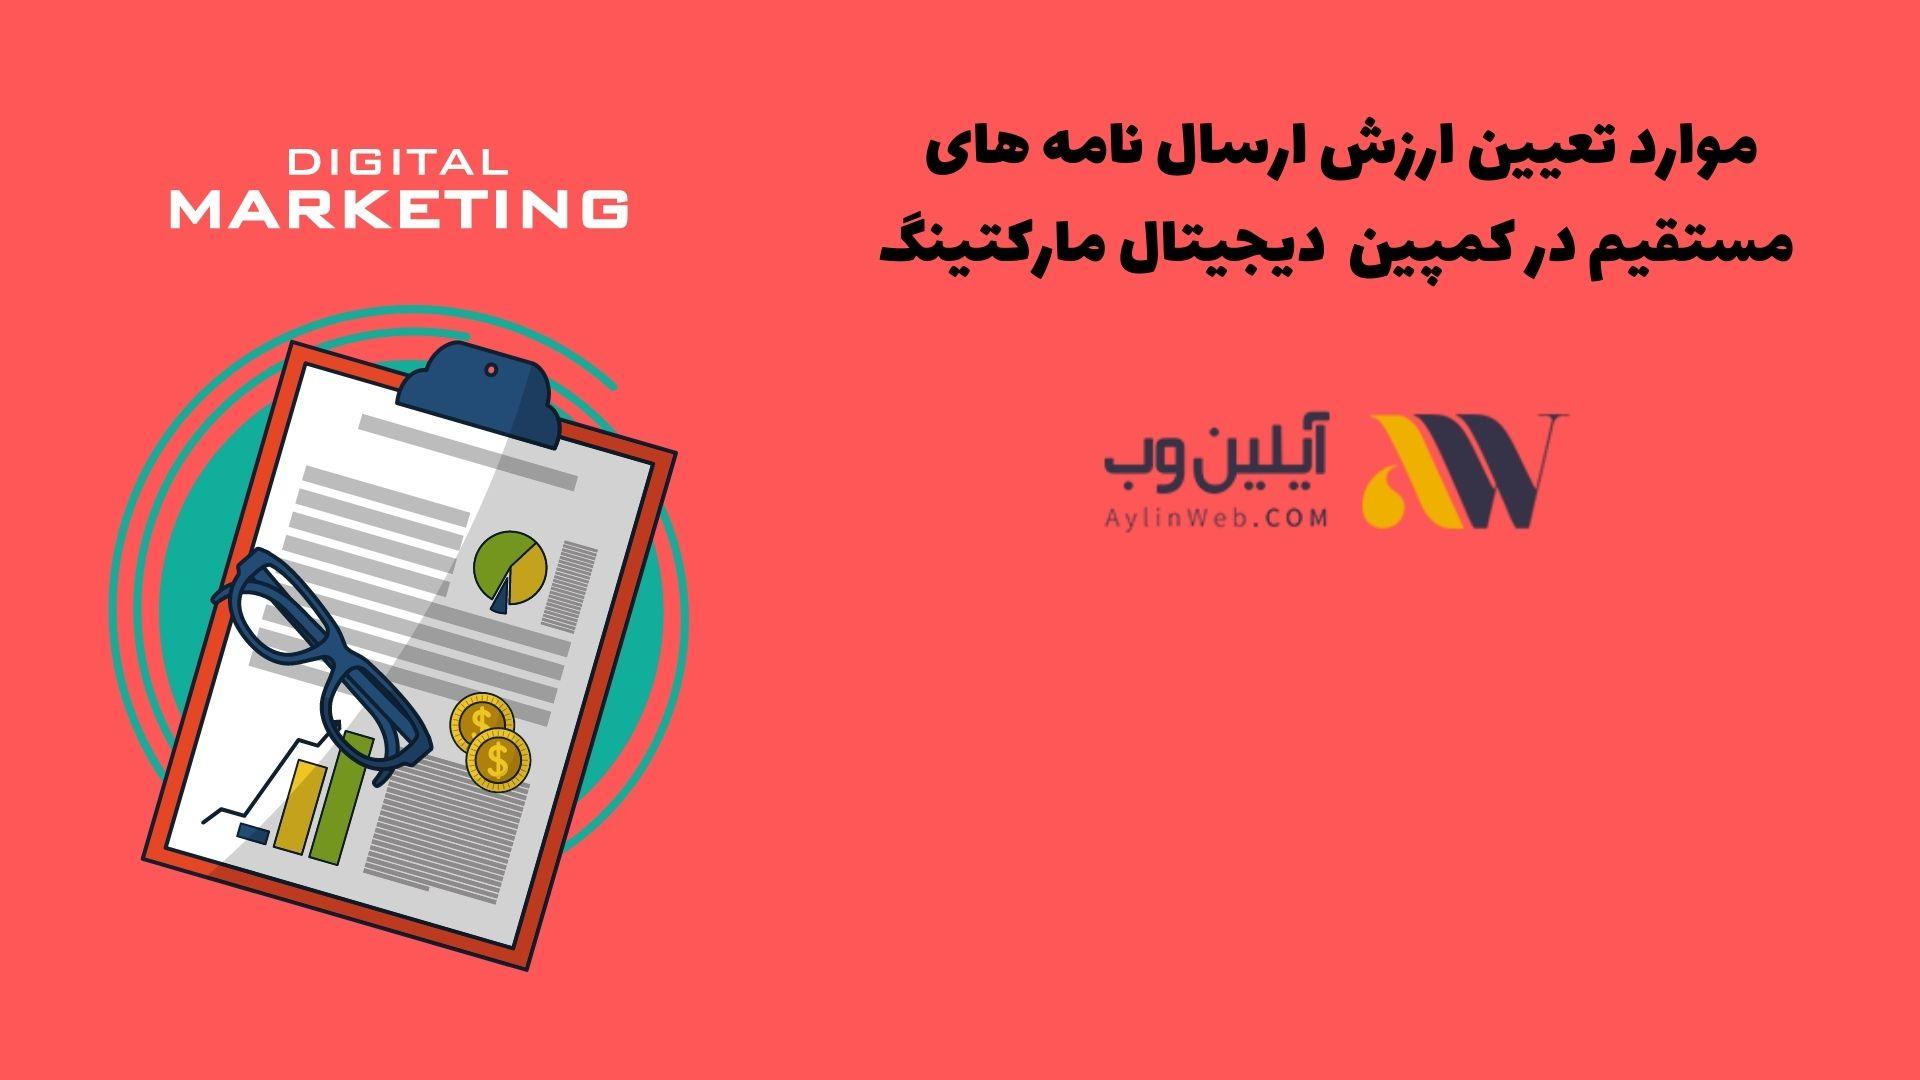 موارد تعیین ارزش ارسال نامه های مستقیم در کمپین دیجیتال مارکتینگ